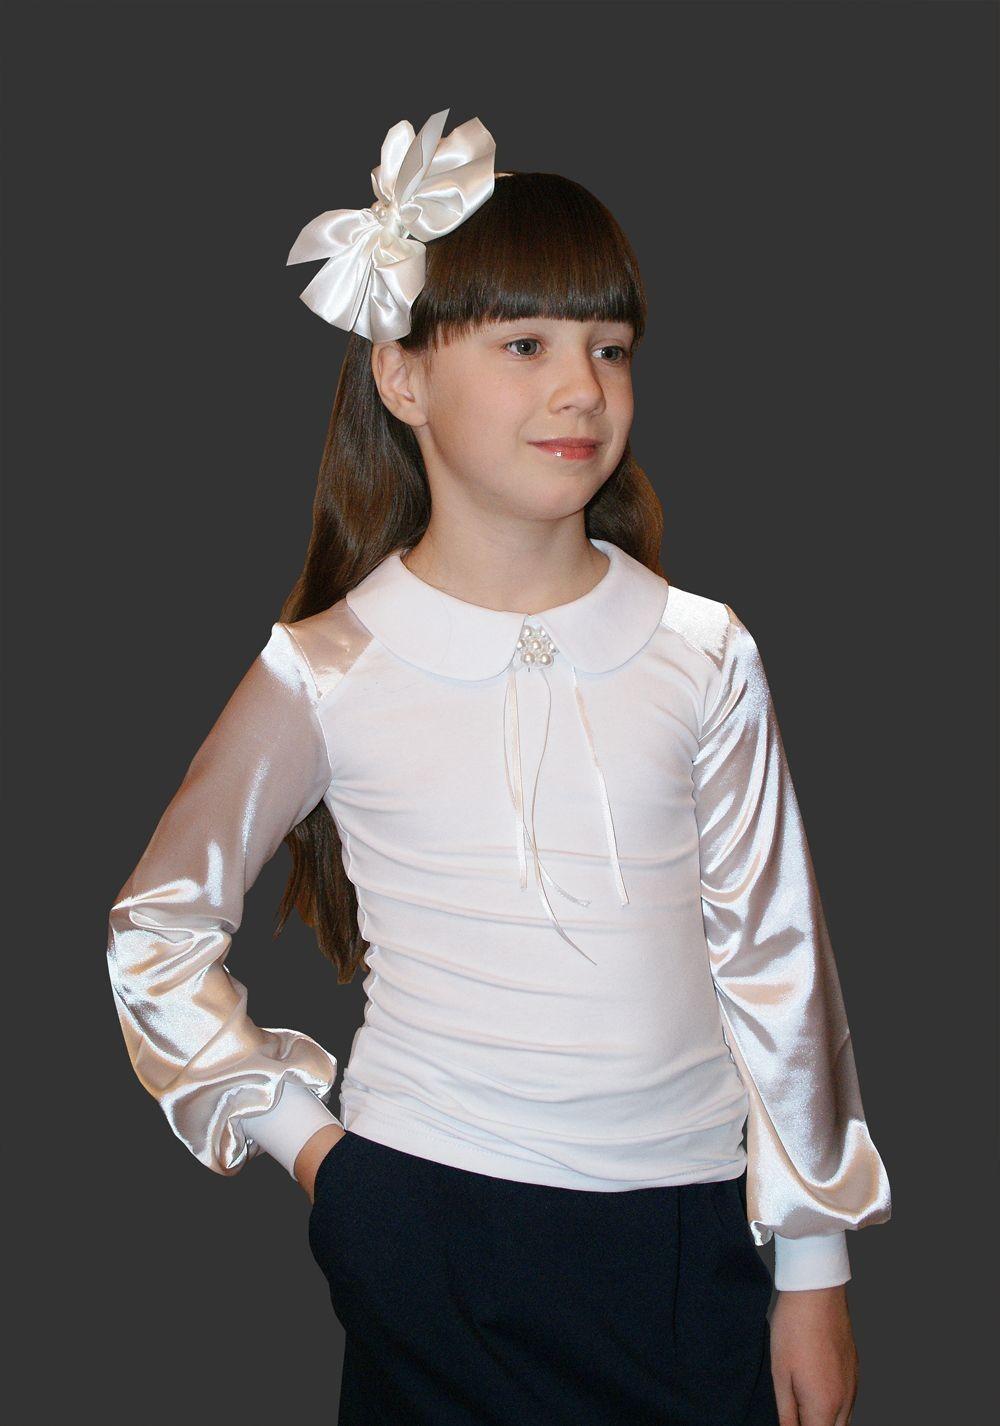 Сбор заказов. Одежда для детей М@ттiель-7. Нарядные блузки для школы по доступным ценам. Акция -30% на все летние модели и коллекцию для мальчиков. Без рядов. Раздача до 1 сентября!